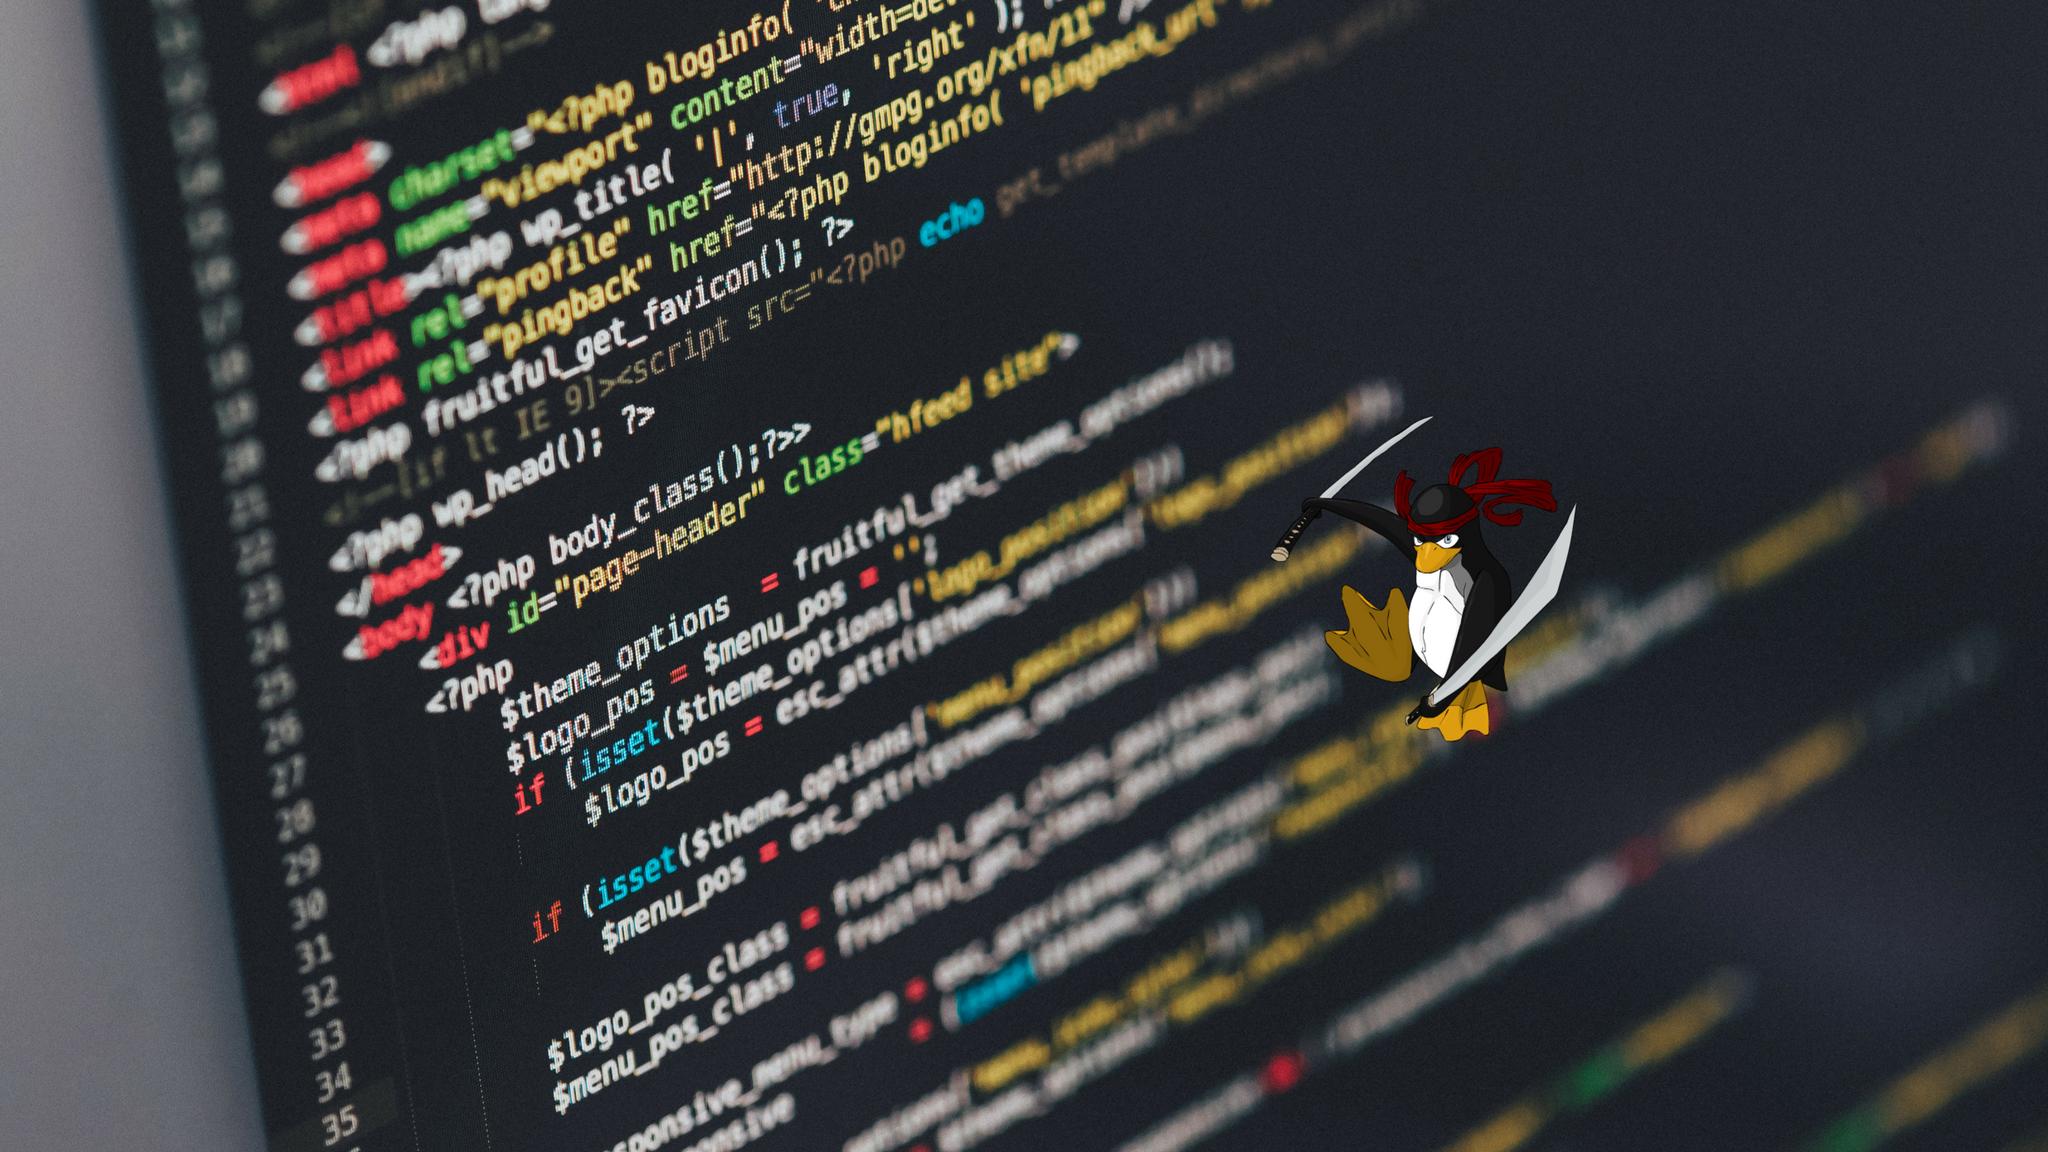 Noob open source padrim 2